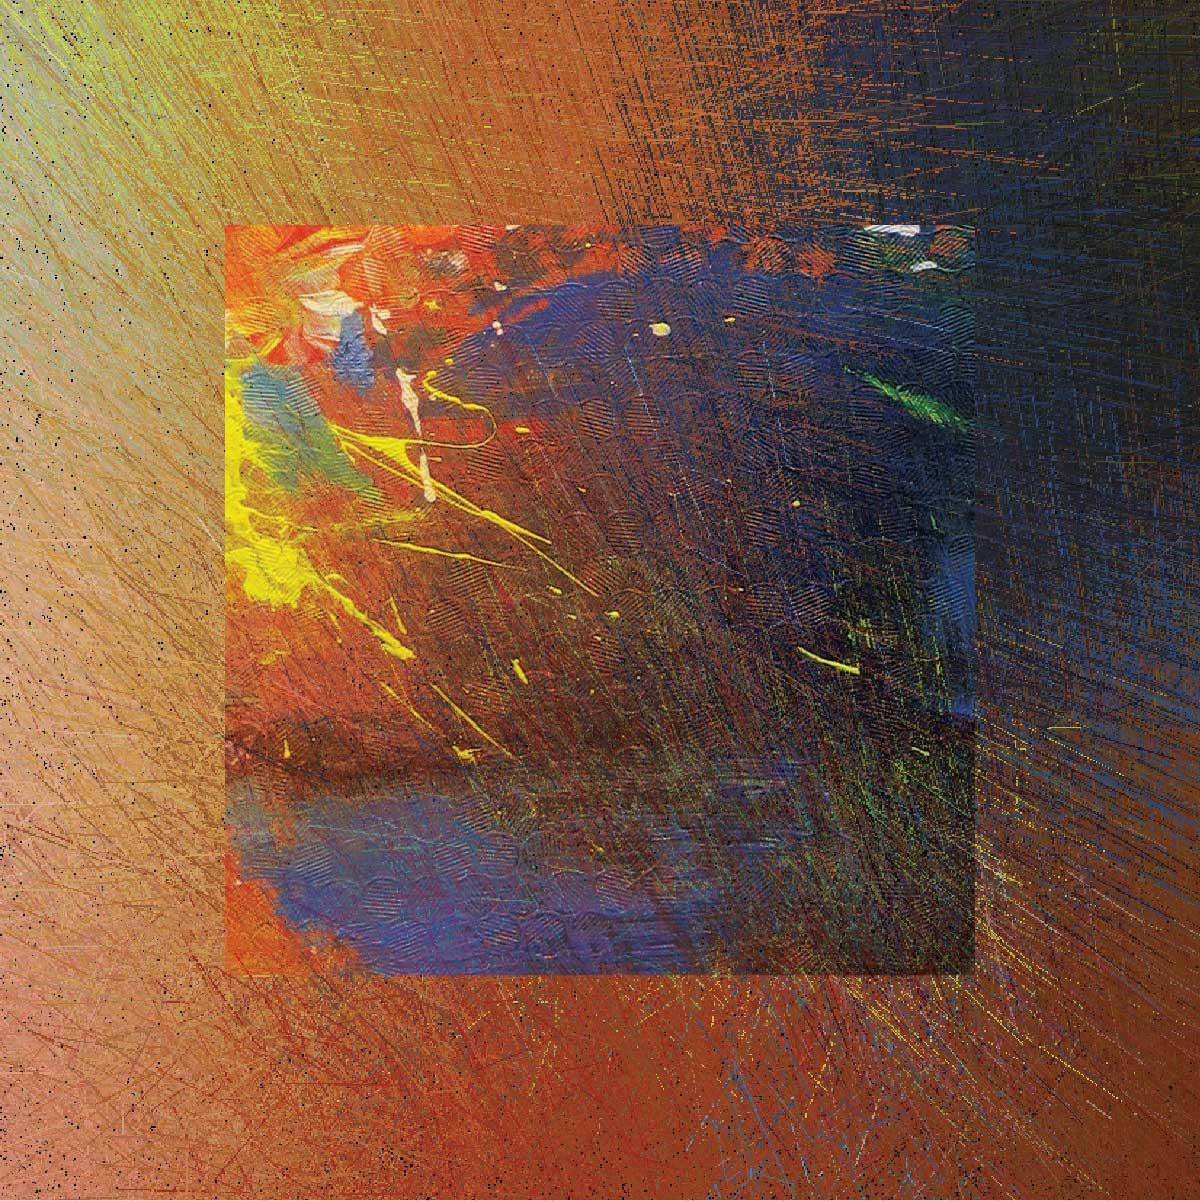 s-glitch_06-14_acrylic-12